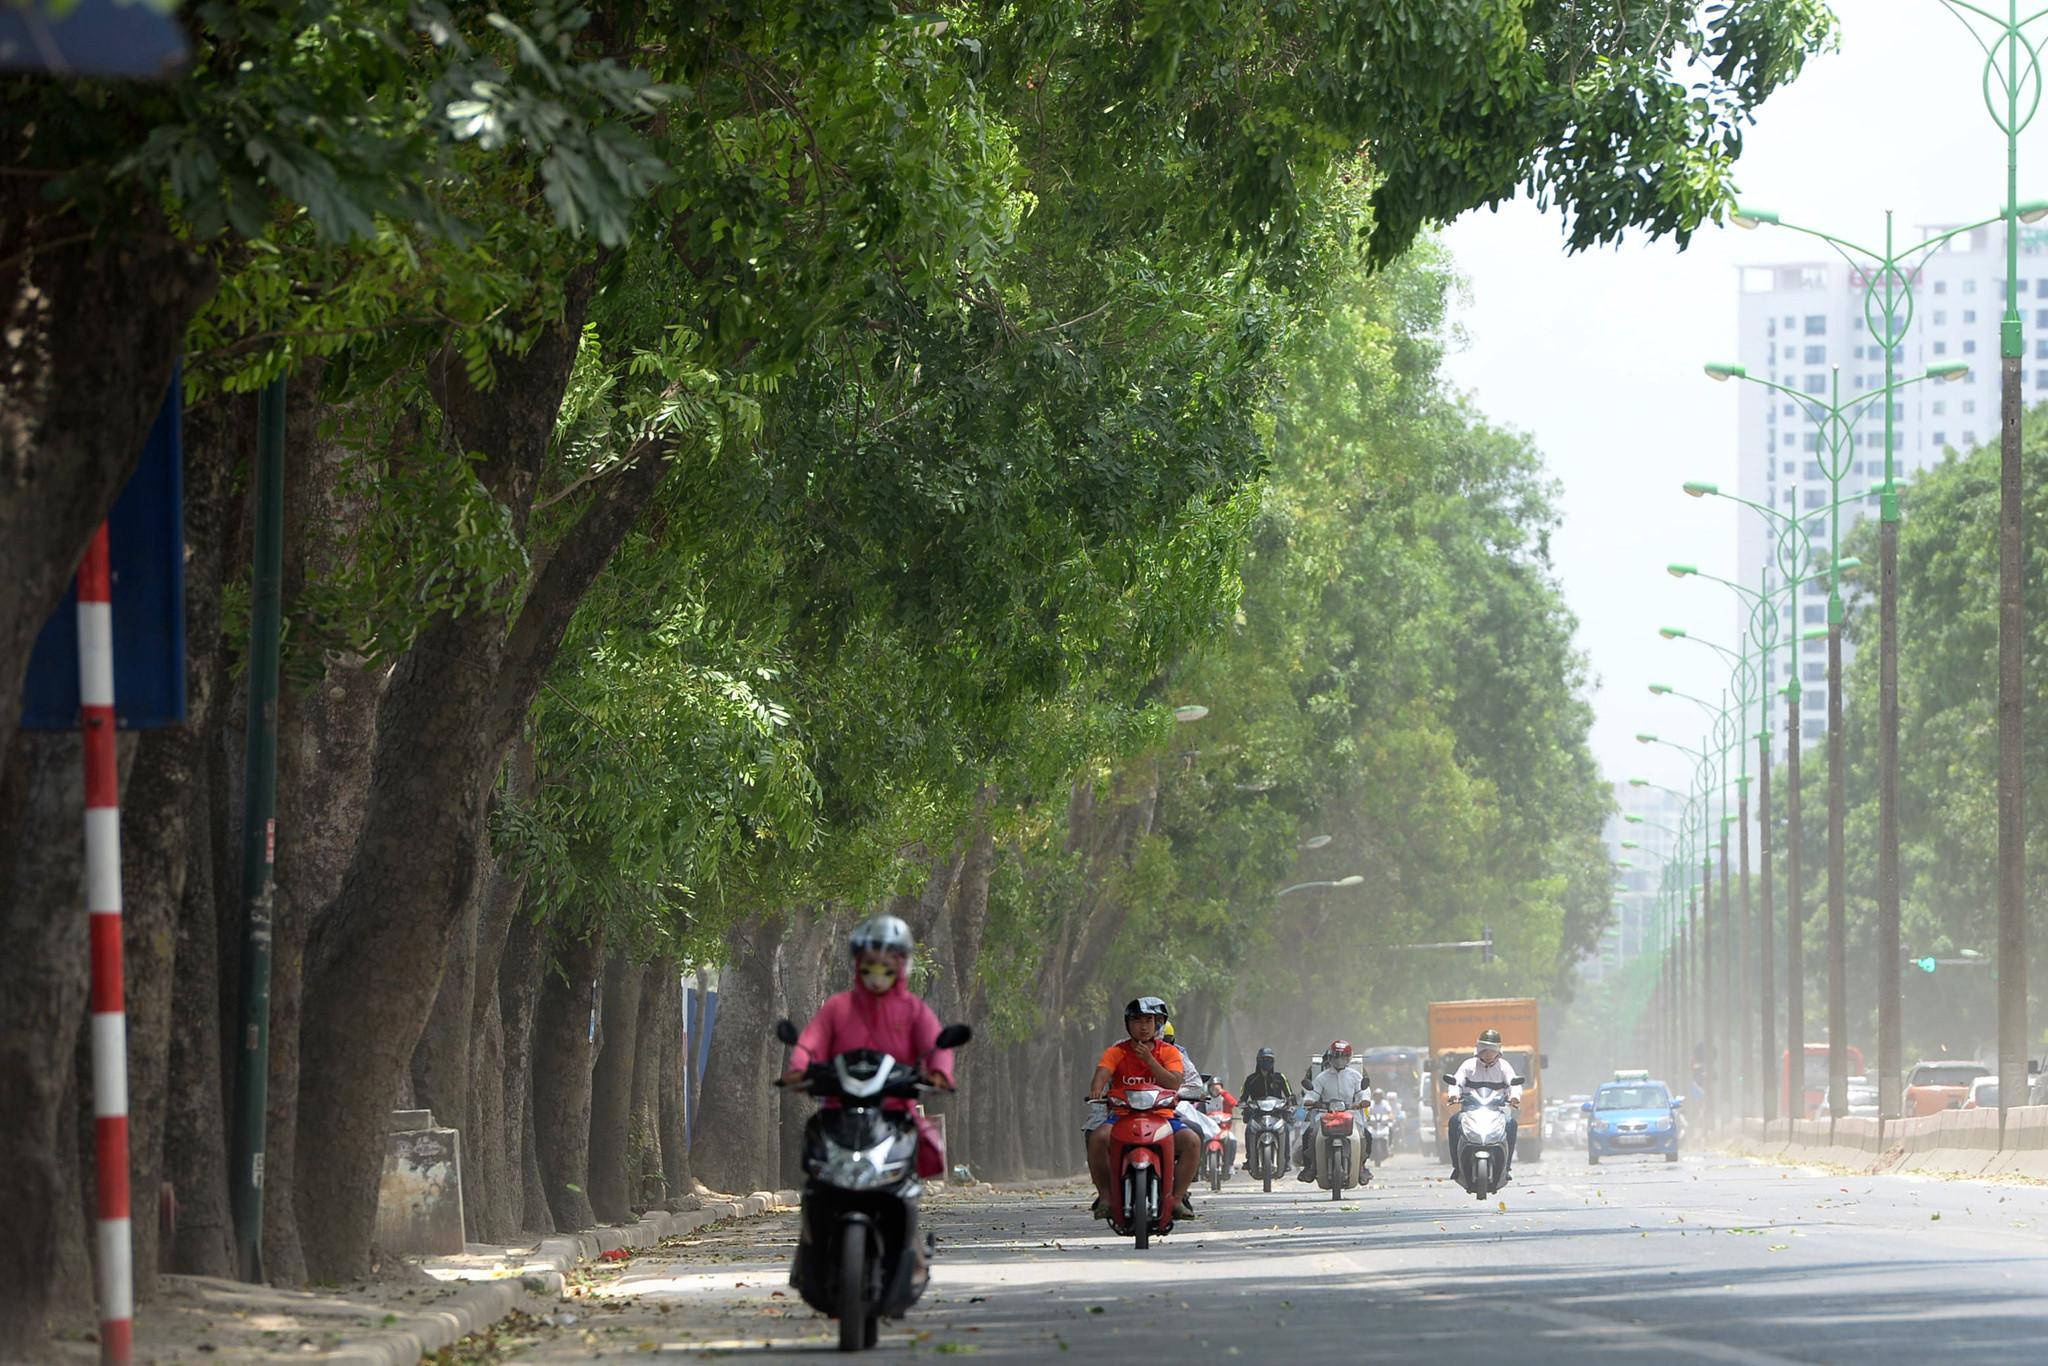 Hà Nội di chuyển, chặt hạ gần 1.300 cây xanh vào ngày mai